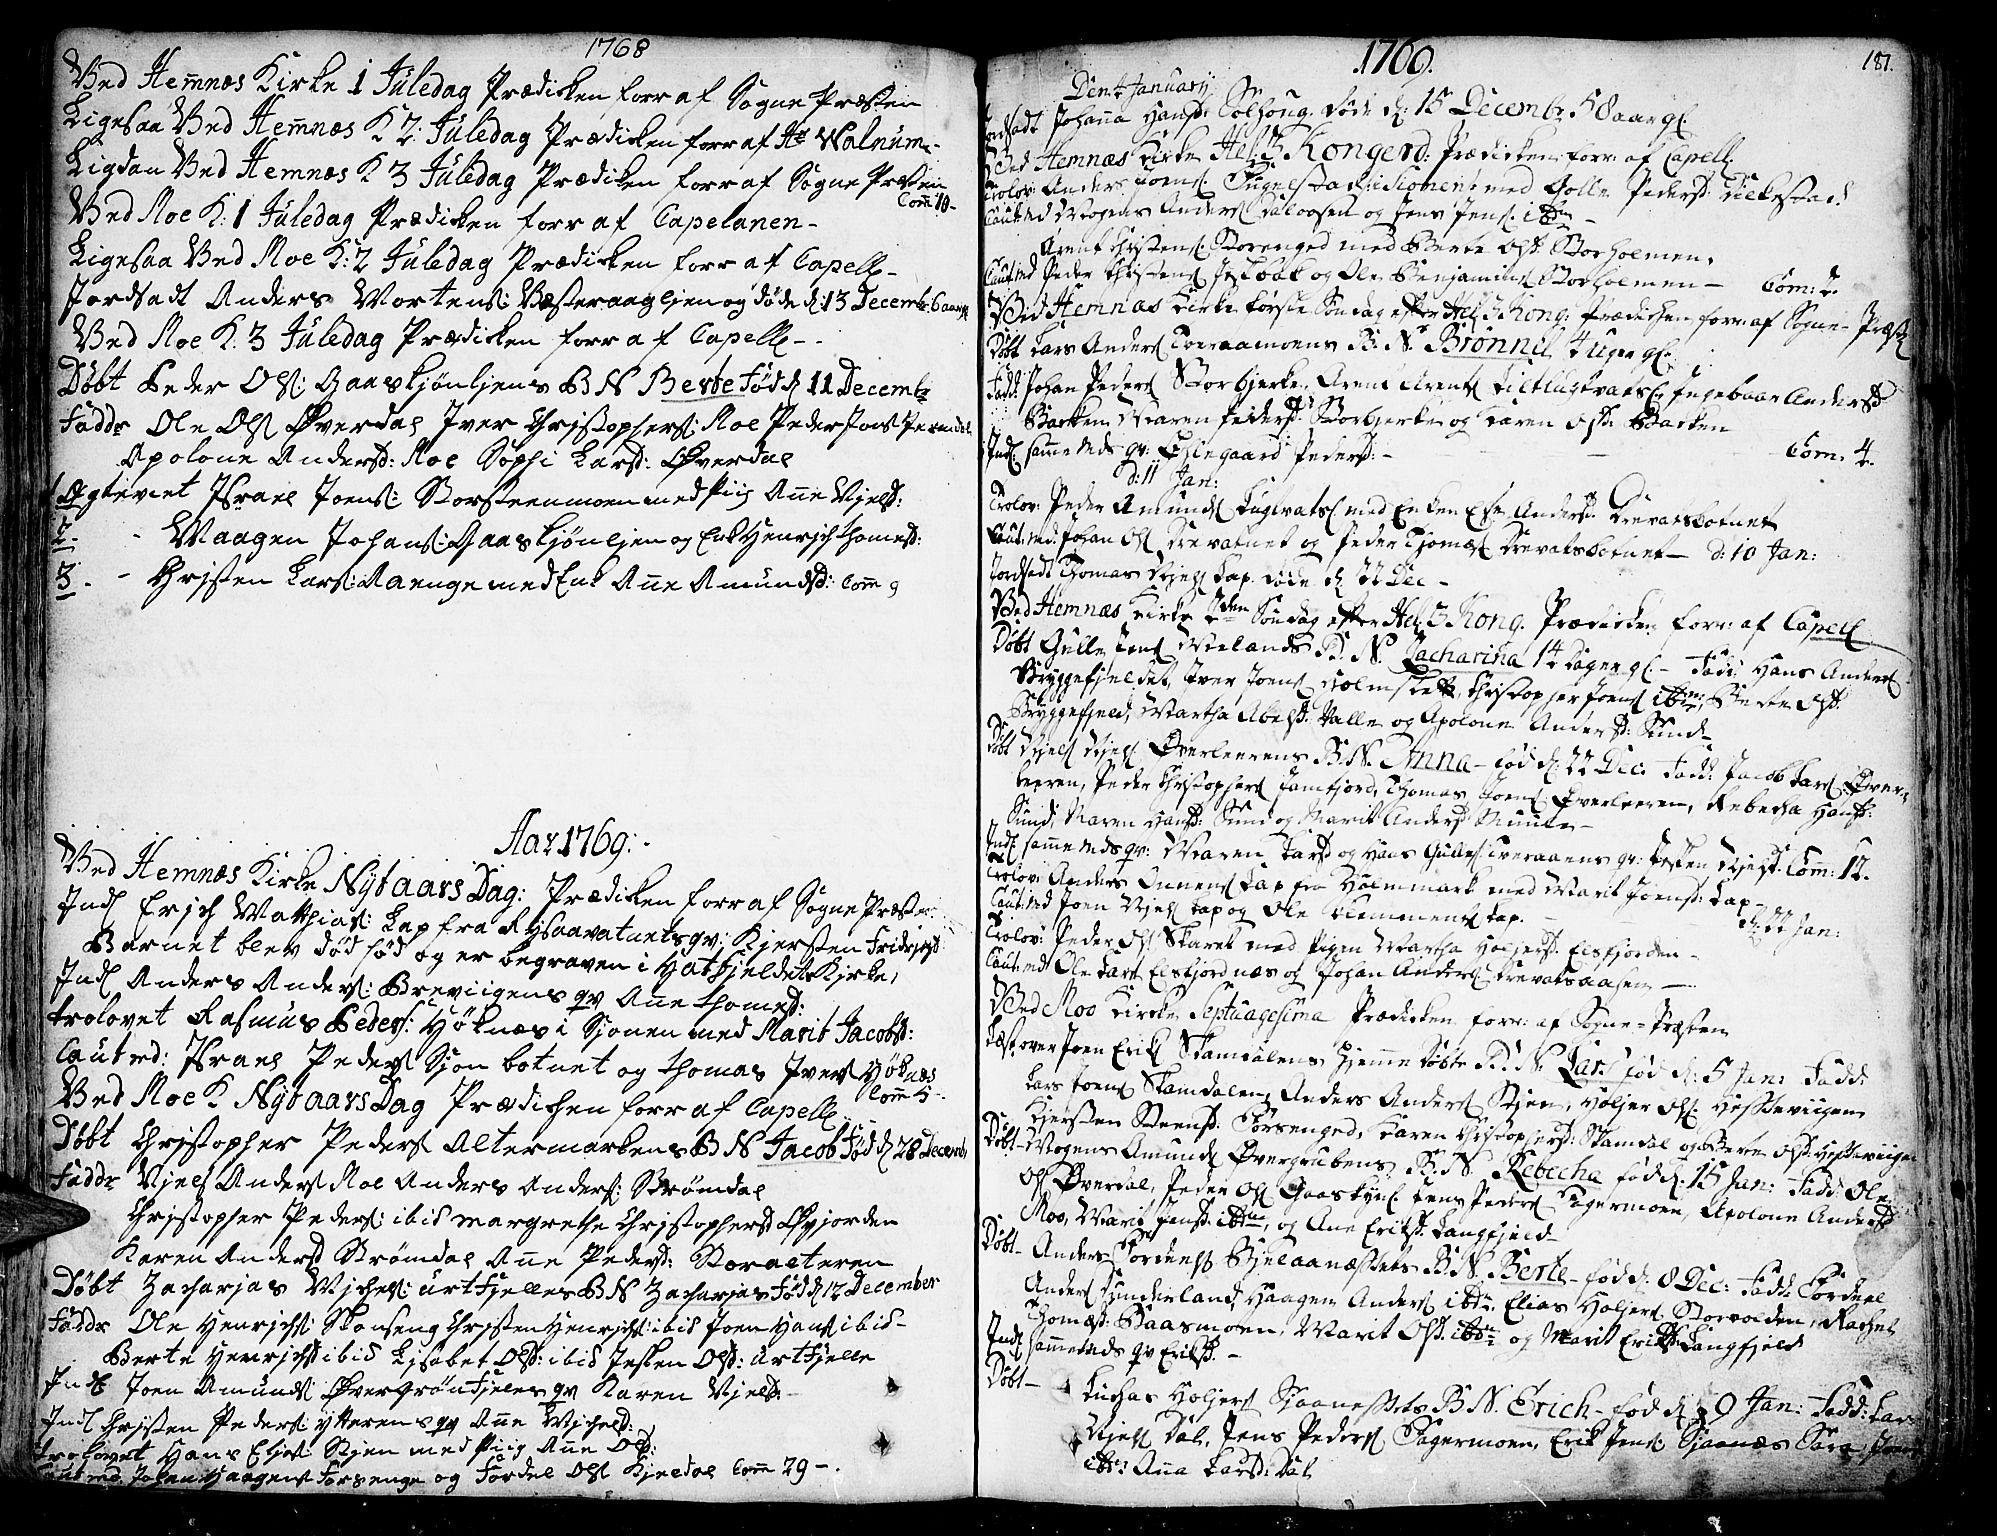 SAT, Ministerialprotokoller, klokkerbøker og fødselsregistre - Nordland, 825/L0348: Parish register (official) no. 825A04, 1752-1788, p. 181